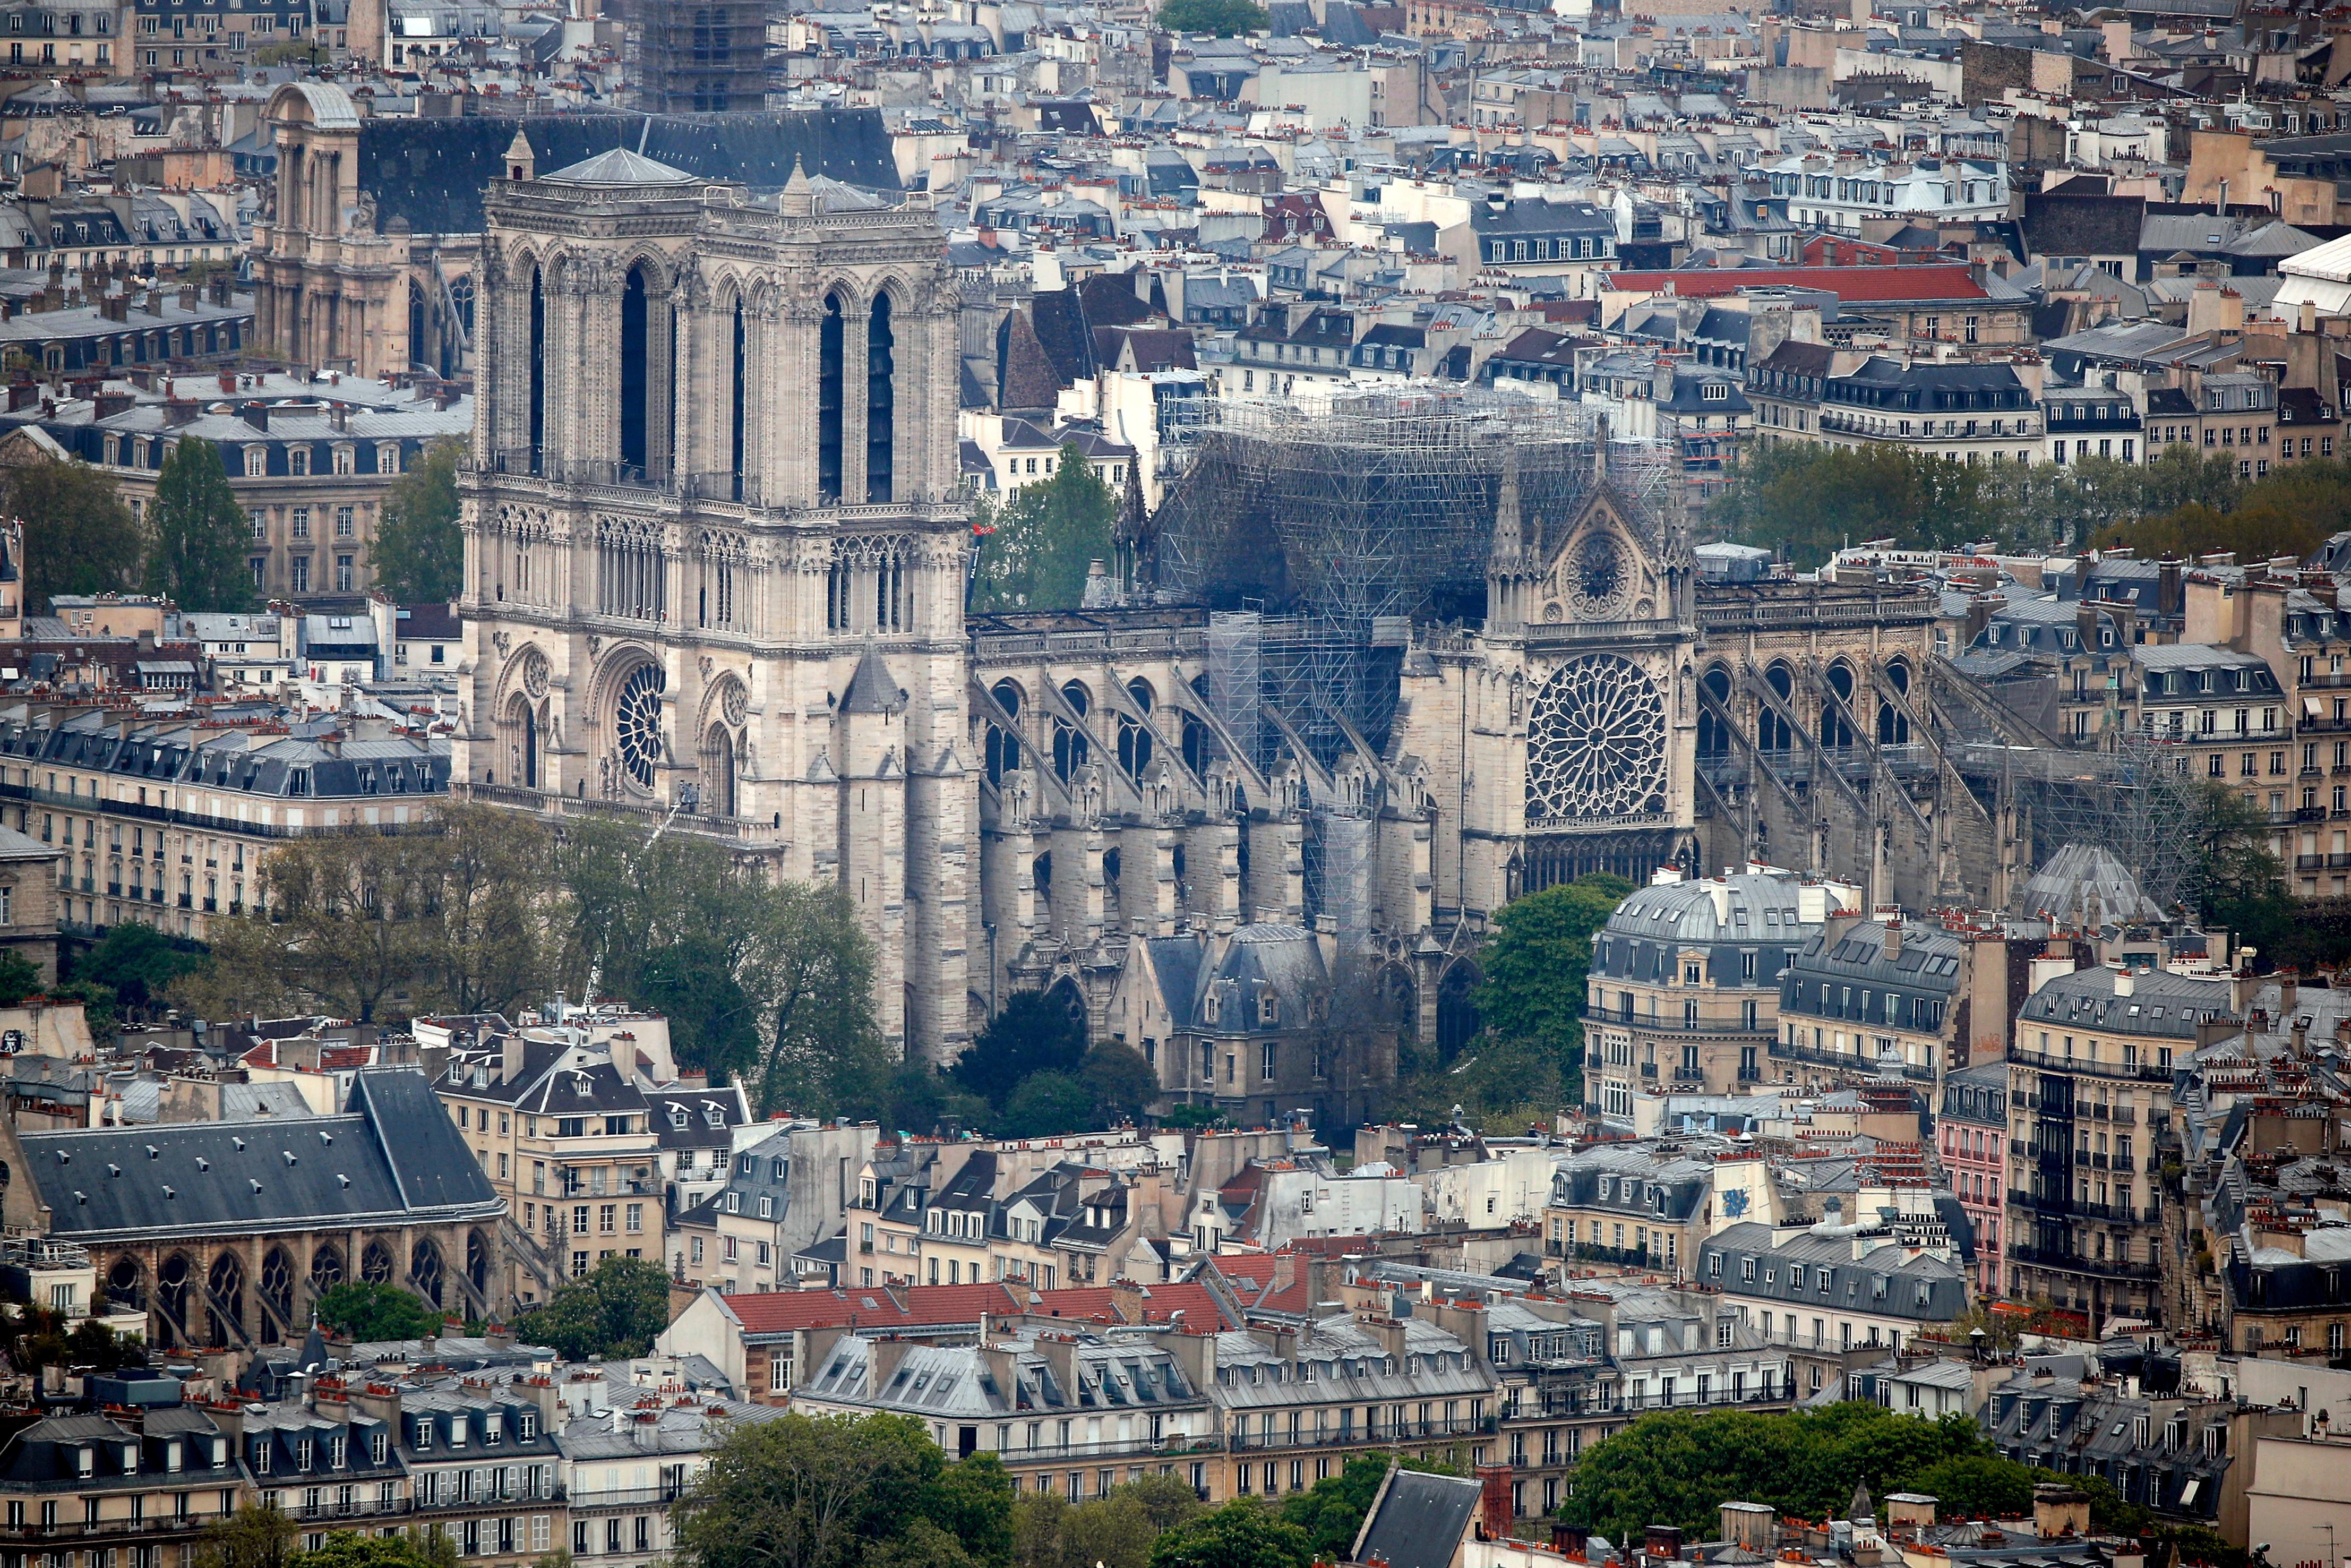 Reconstrução da emblemática catedral mobiliza doações à escala mundial